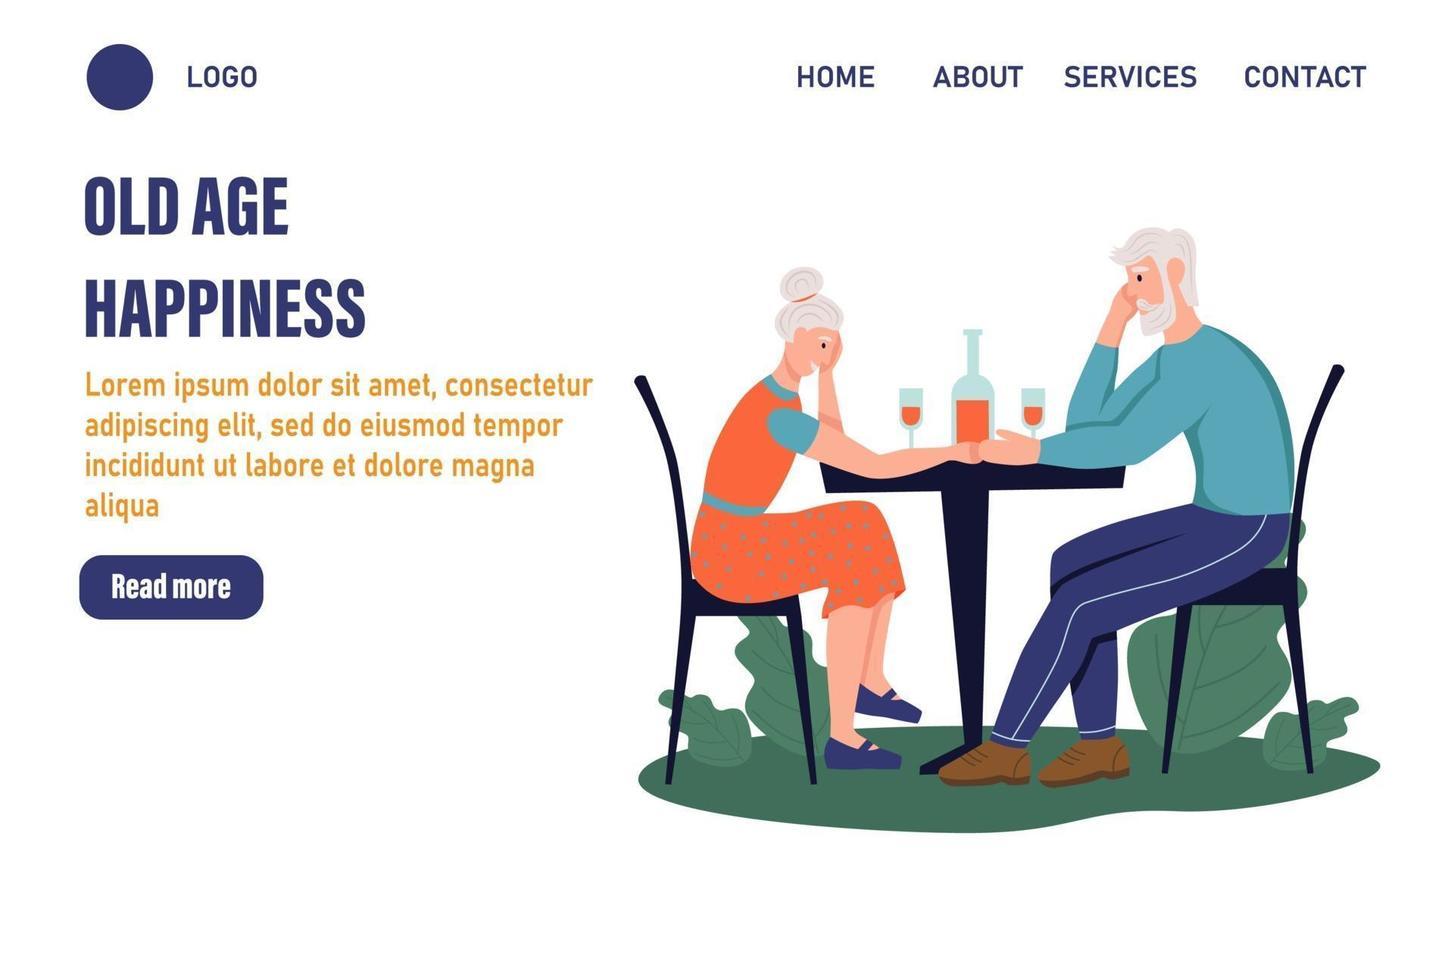 modelo de página de atividades para pessoas mais velhas. um casal de idosos sentado à mesa de um café. O conceito de velhice ativa. dia do idoso. ilustração vetorial plana vetor